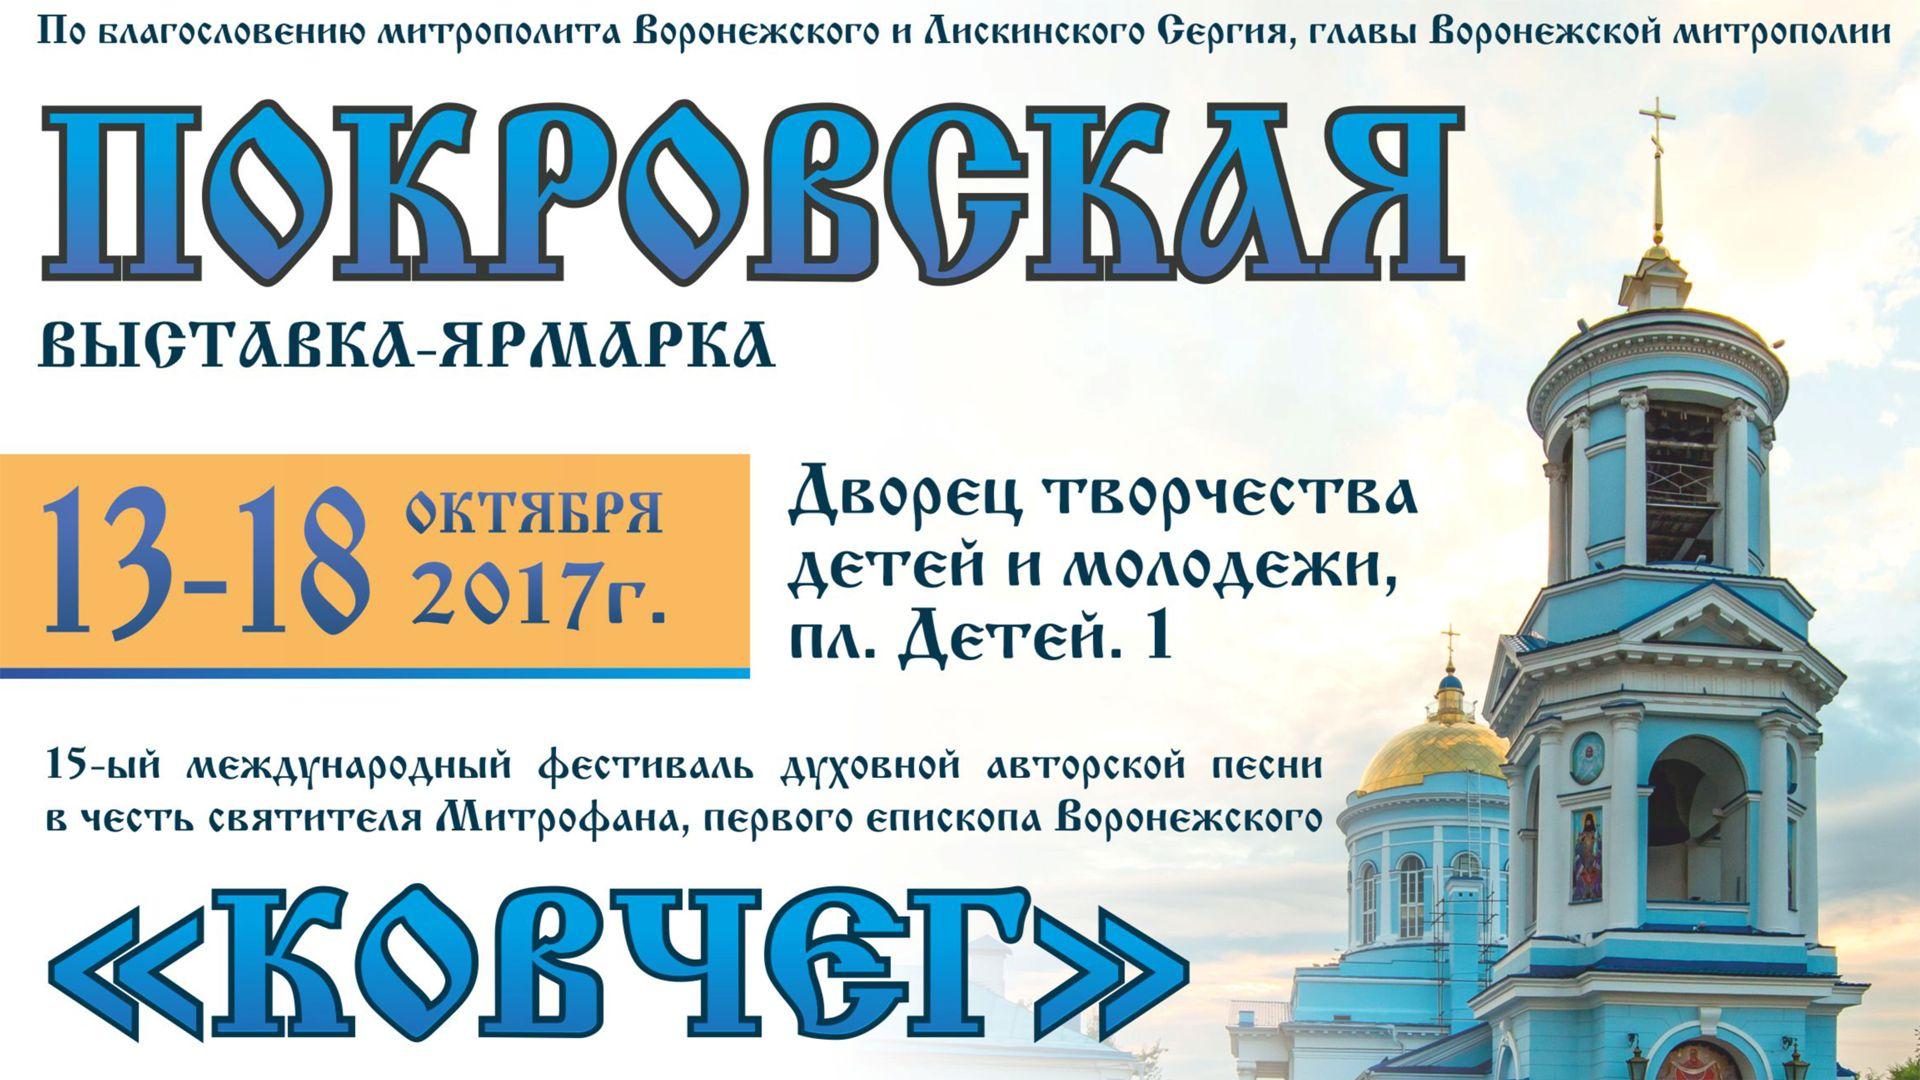 Покровская выставка-ярмарка в Воронеже с 13 по 18 октября